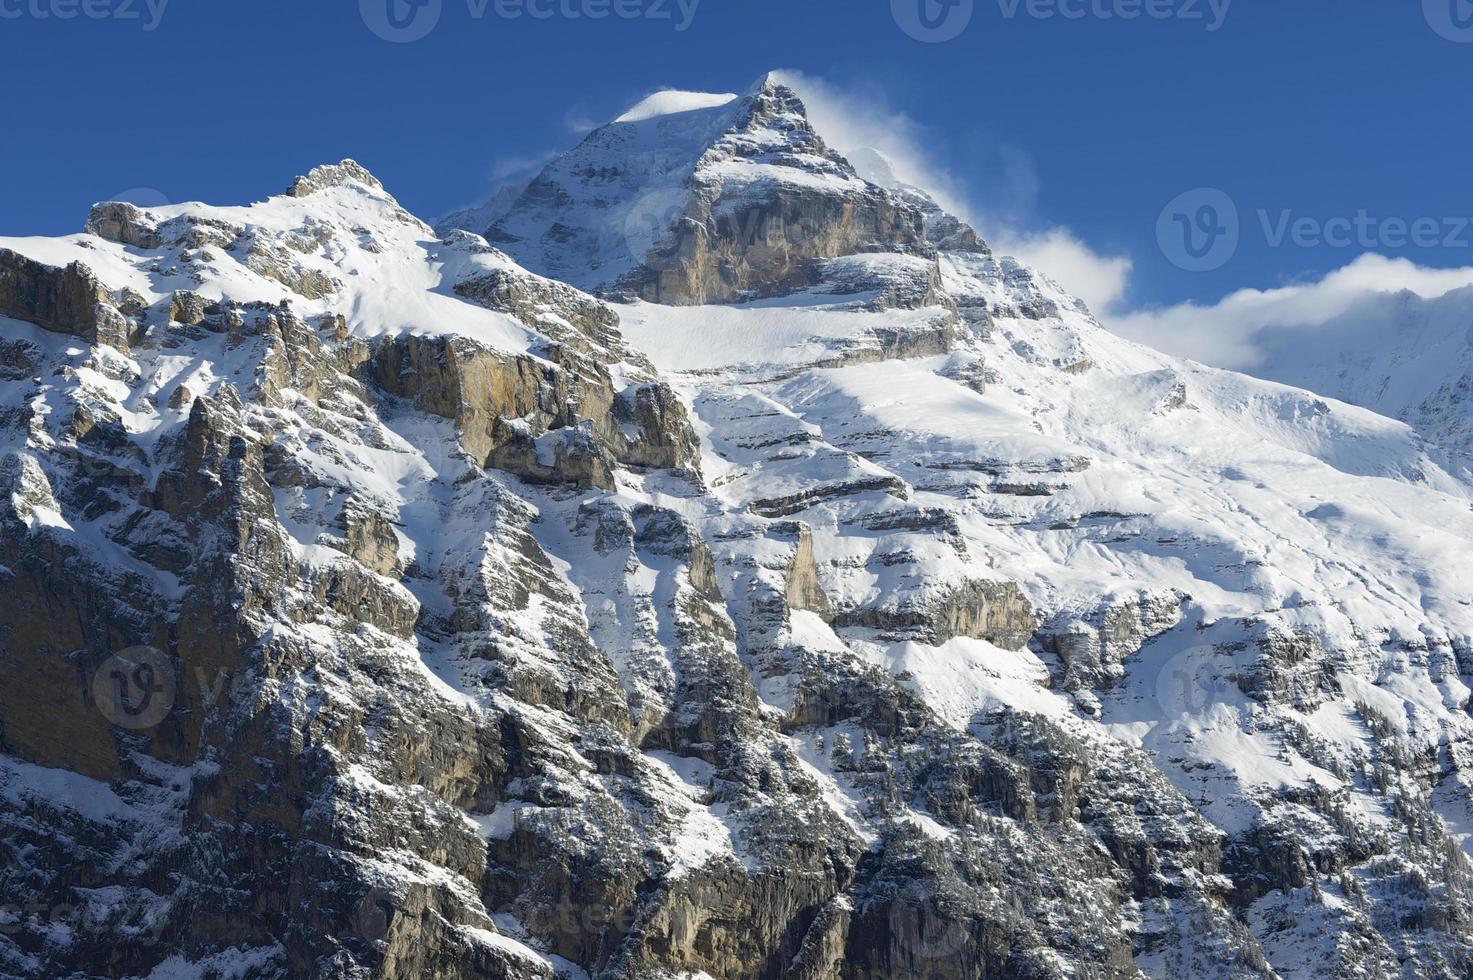 vista de la montaña de invierno en el oberland bernés, suiza. foto